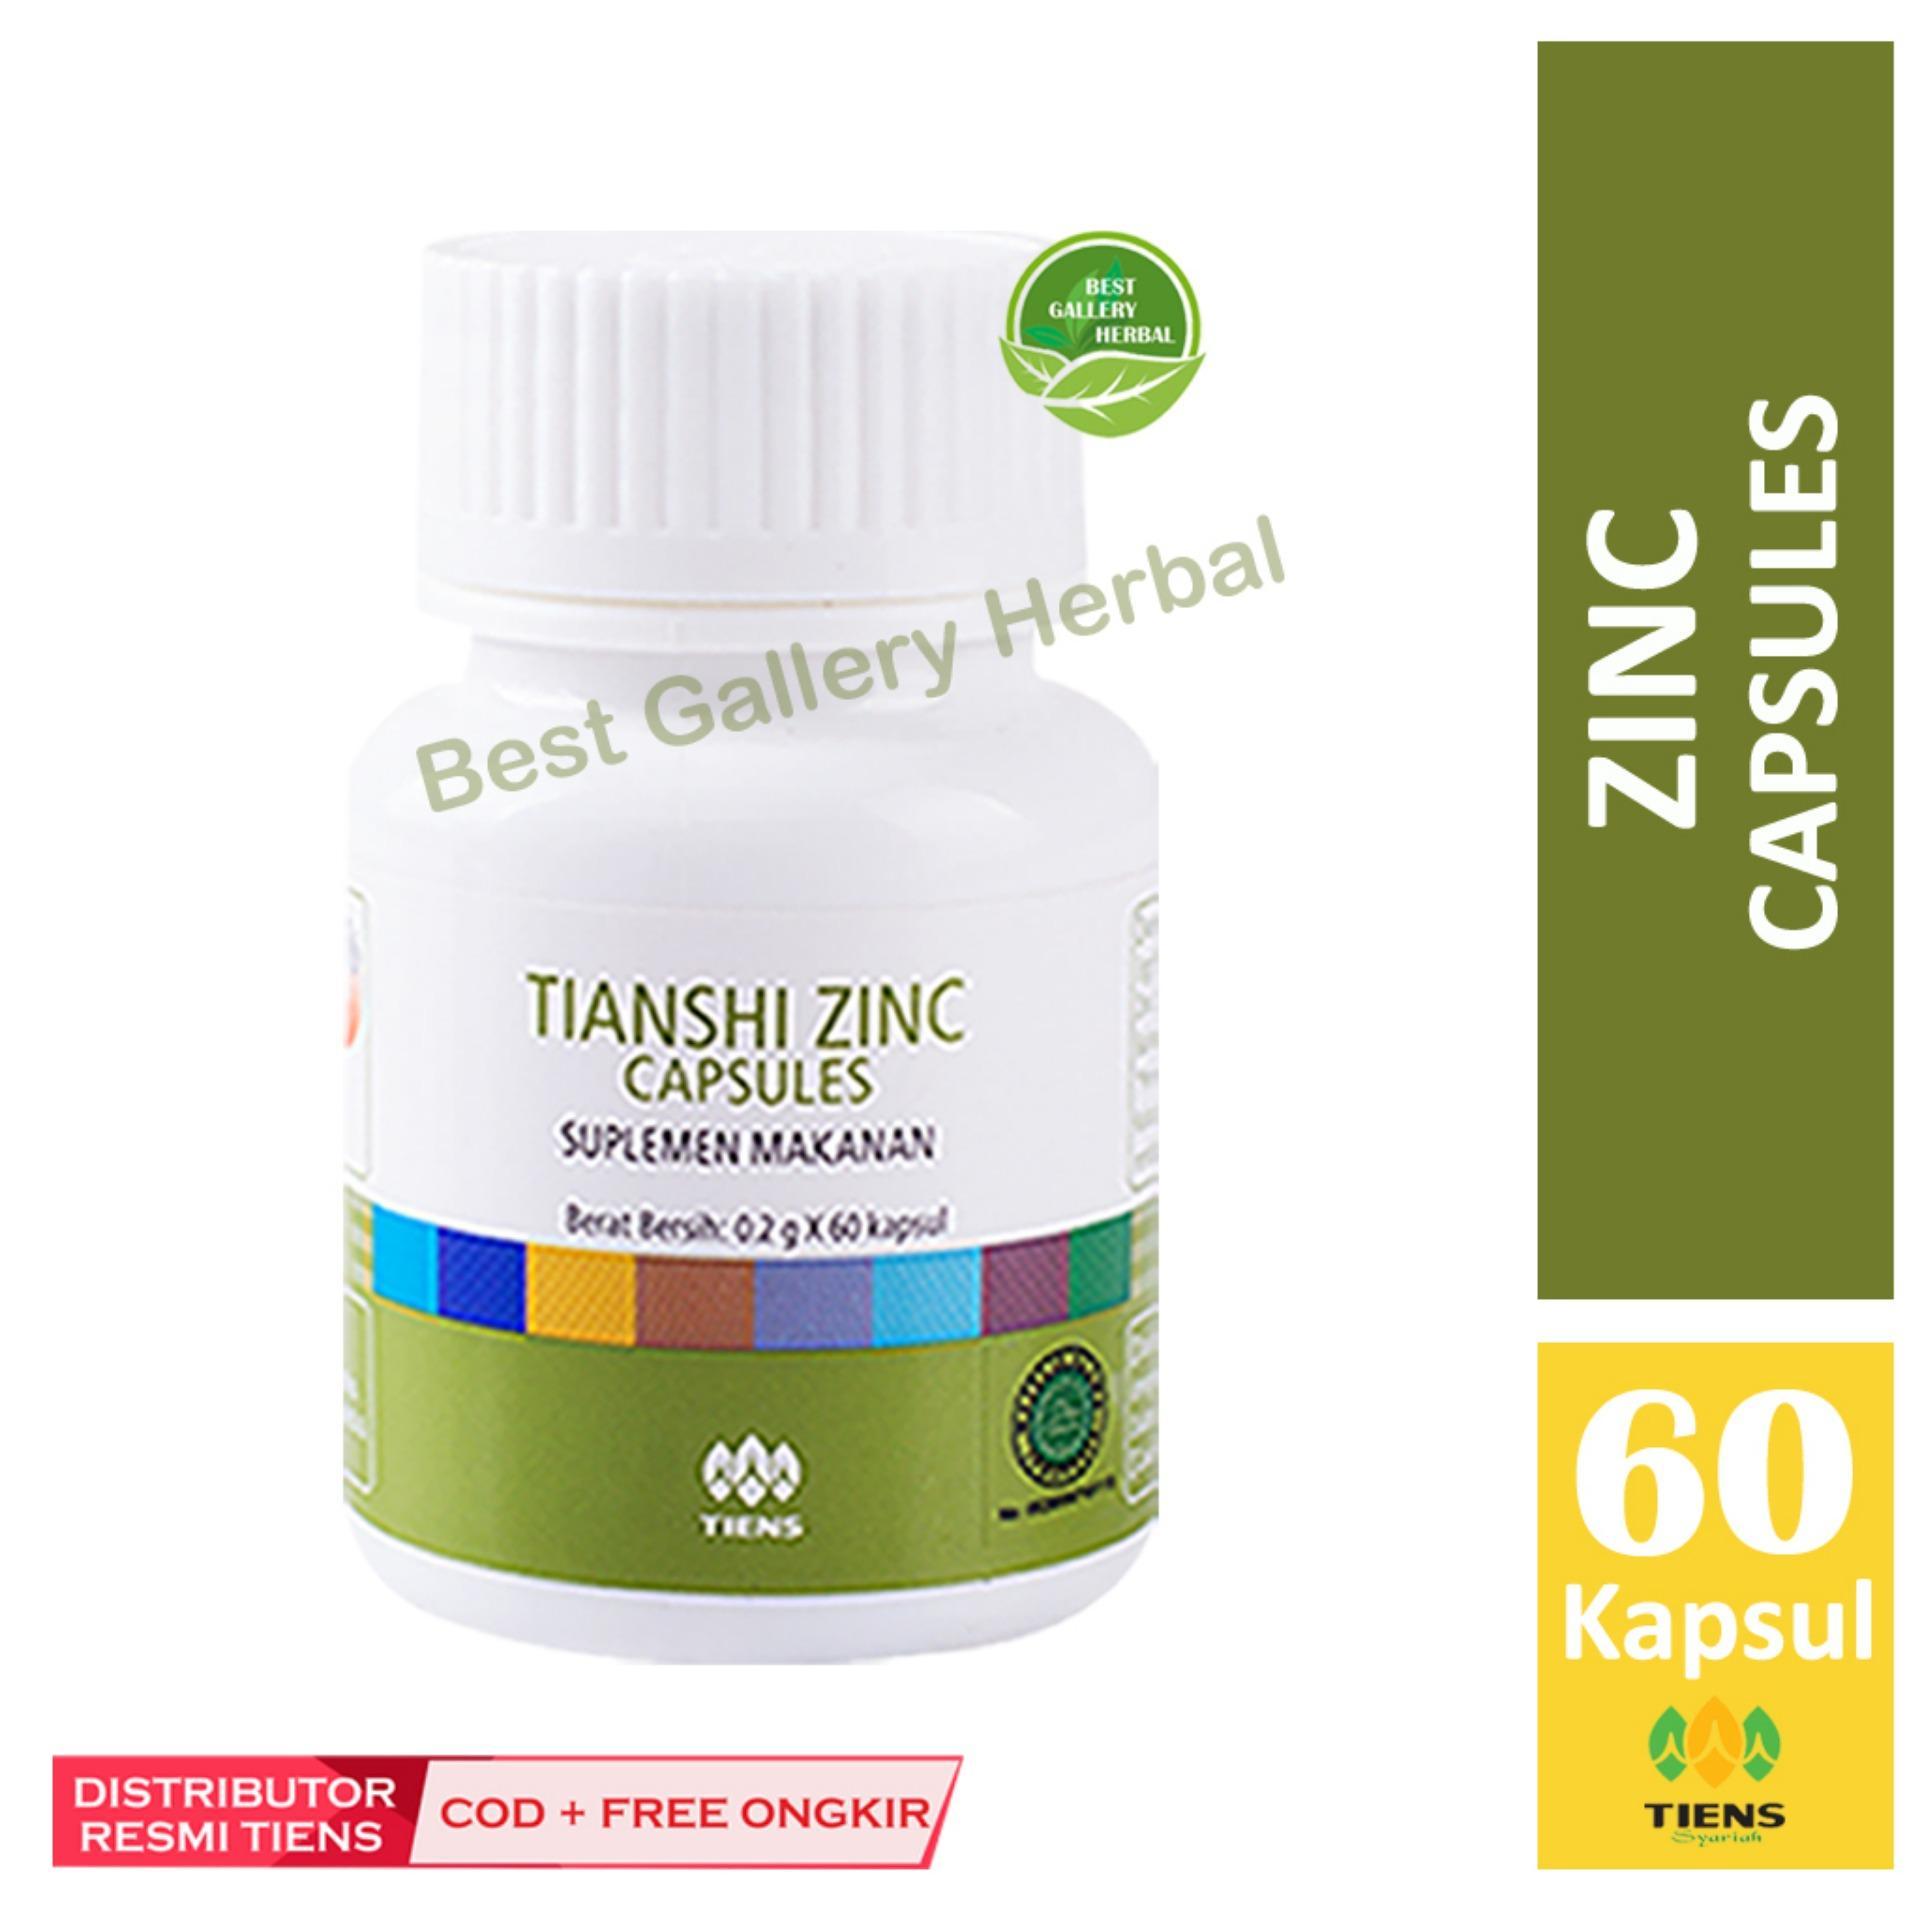 Buy Sell Cheapest Original Tiens Promo Best Quality Product Deals Paket Penggemuk Badan Zinc Capsules Tianshi Nafsu Makan Anak Bisa Cod